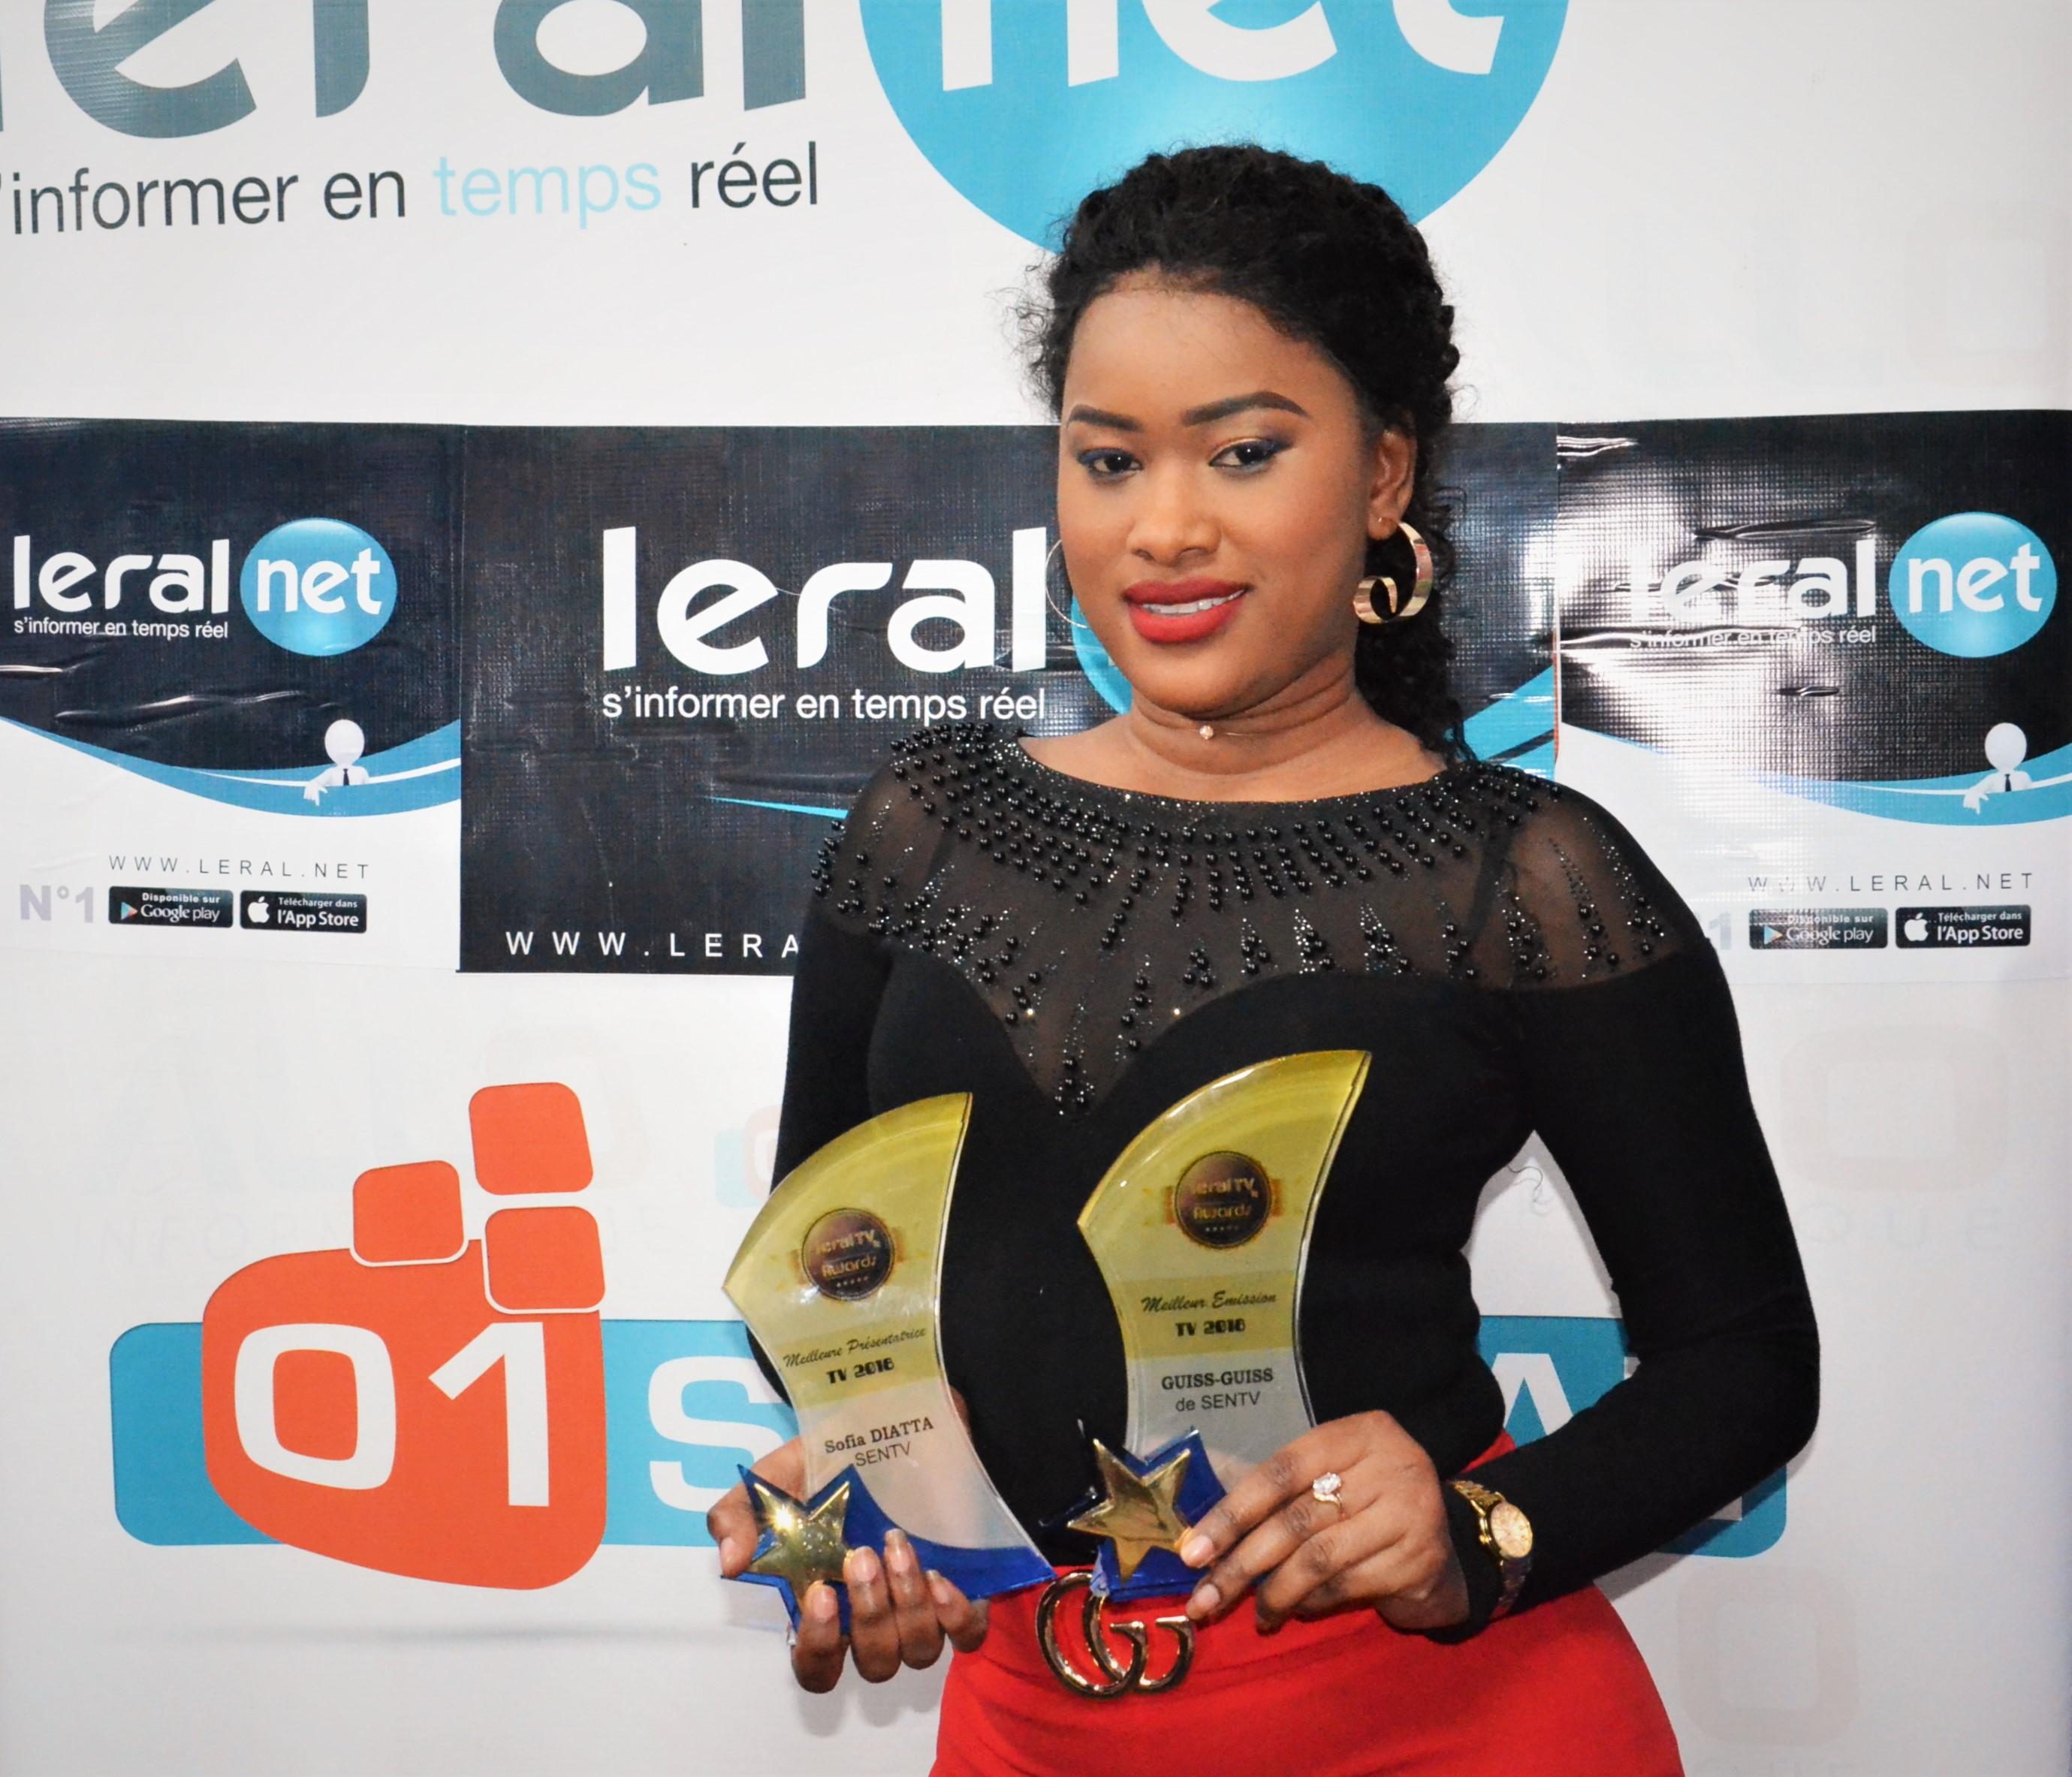 """La Sentv remporte deux trophées aux Leral Awards : Safia Diatta, """"Meilleure Présentatrice"""", Guiss-Guiss, """"Meilleure émission"""""""